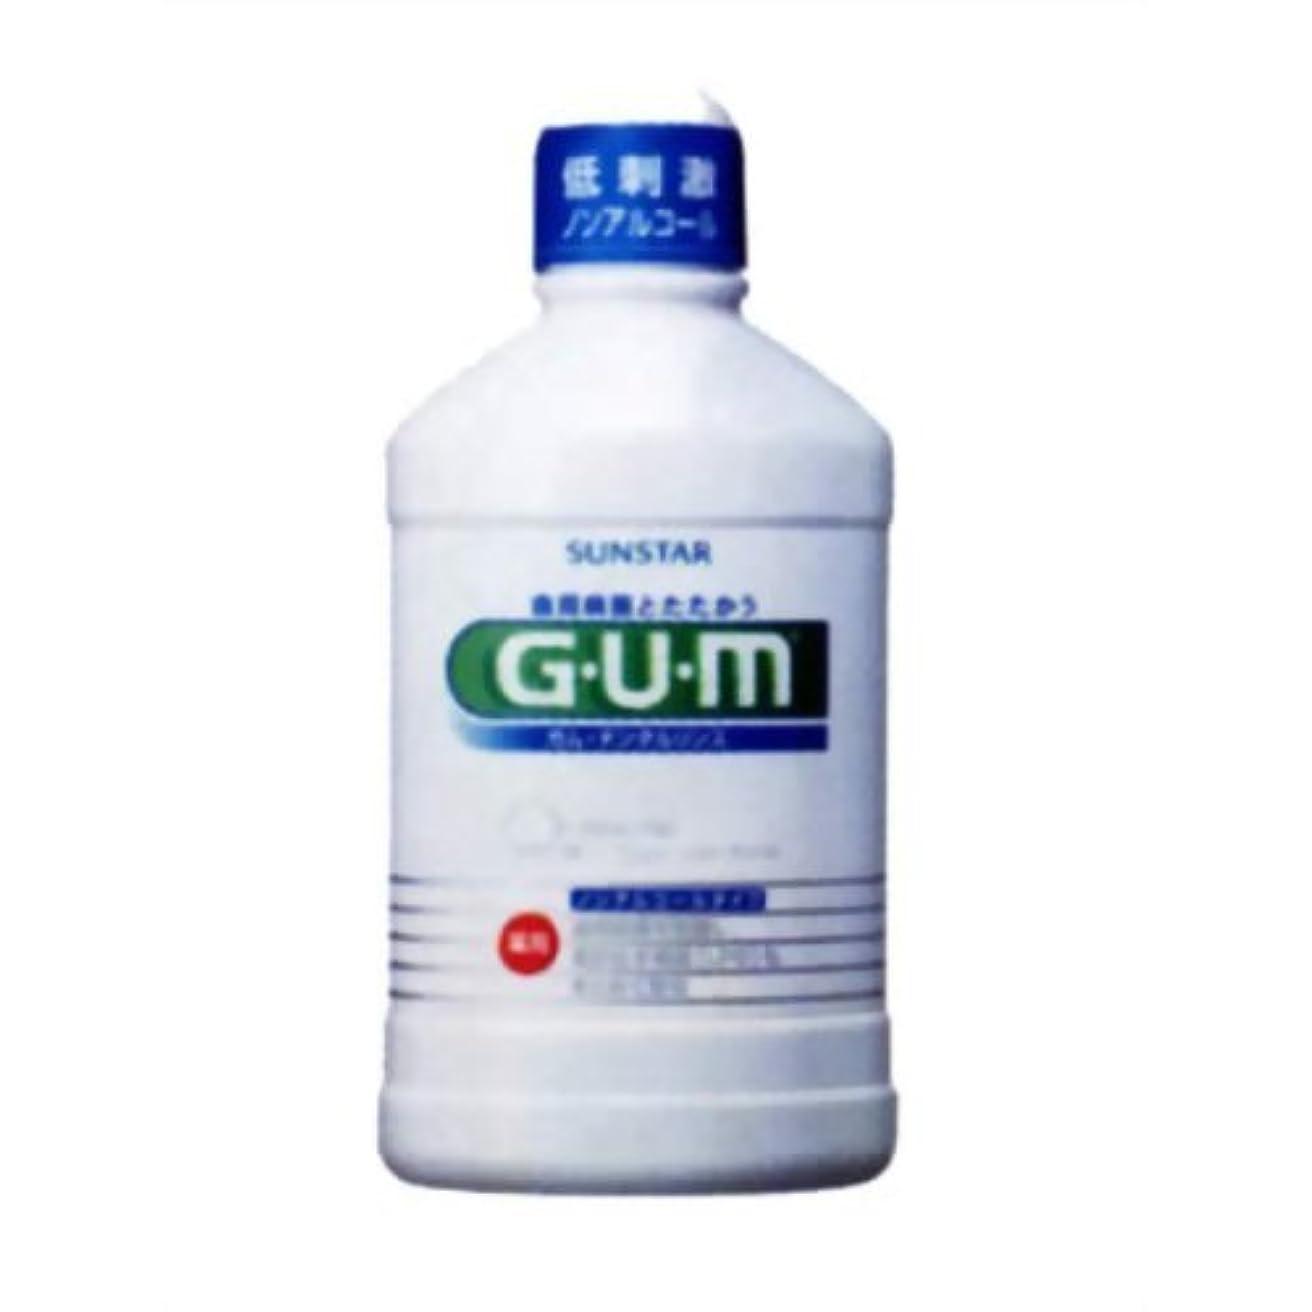 ステートメント警告プロジェクターGUM(ガム) 薬用 デンタルリンス ノンアルコールタイプ 250ml